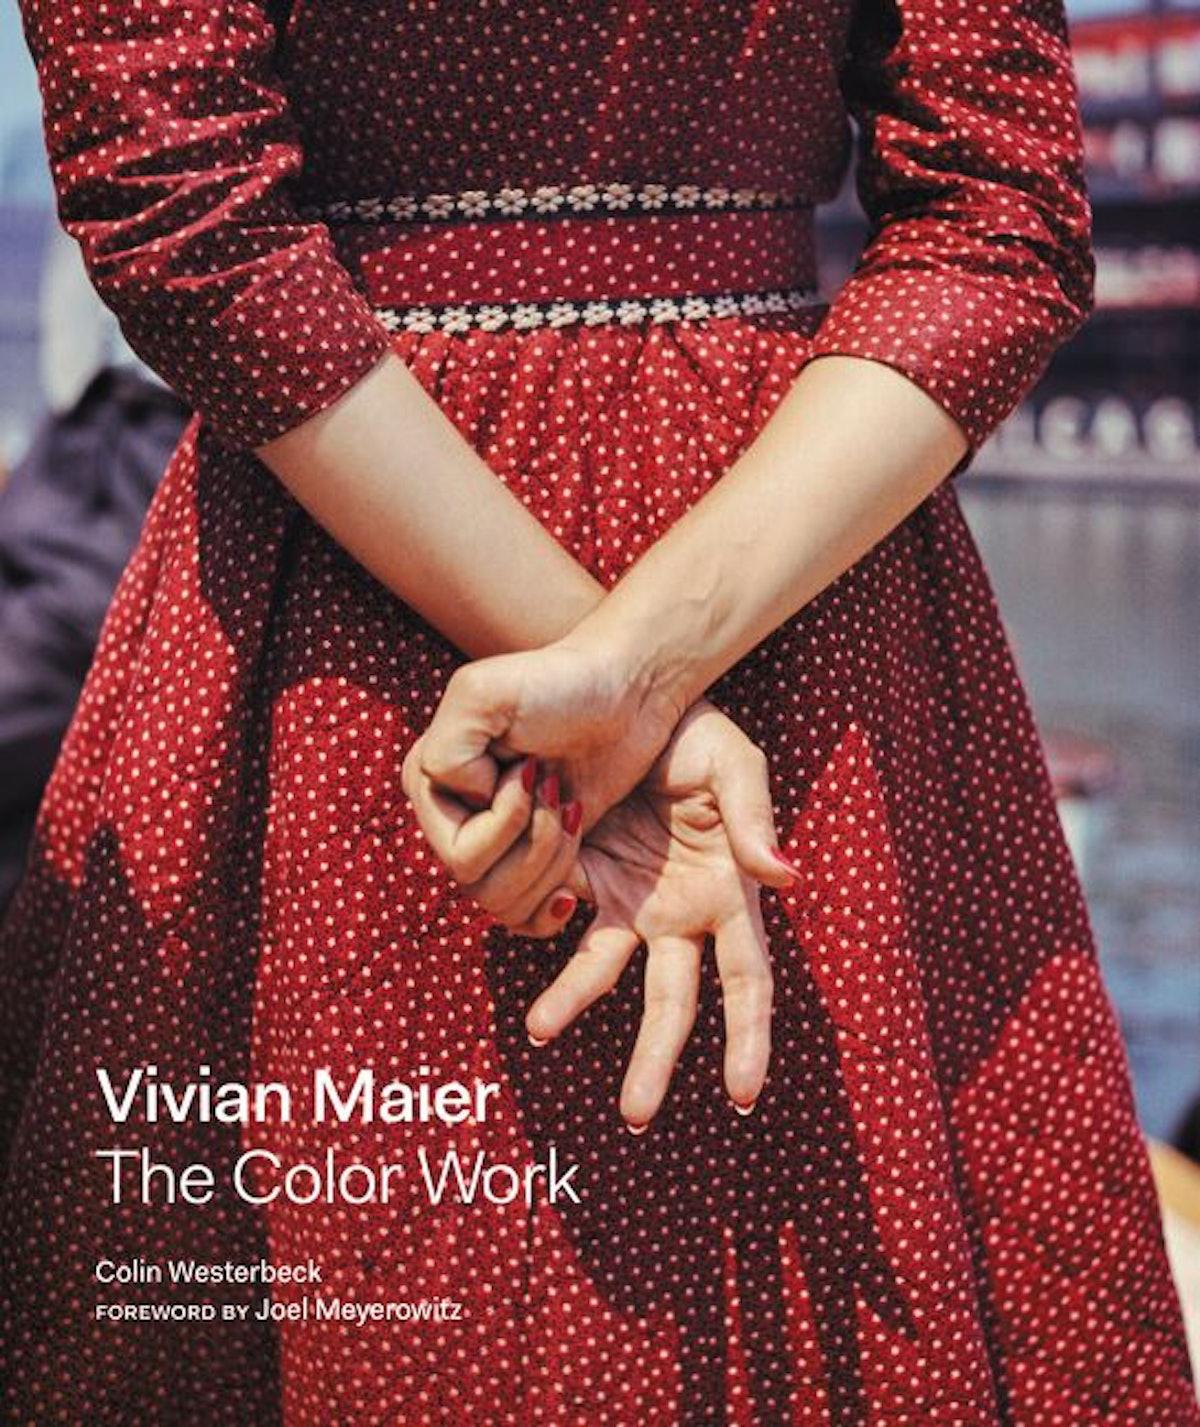 vivian-maier-book.jpg